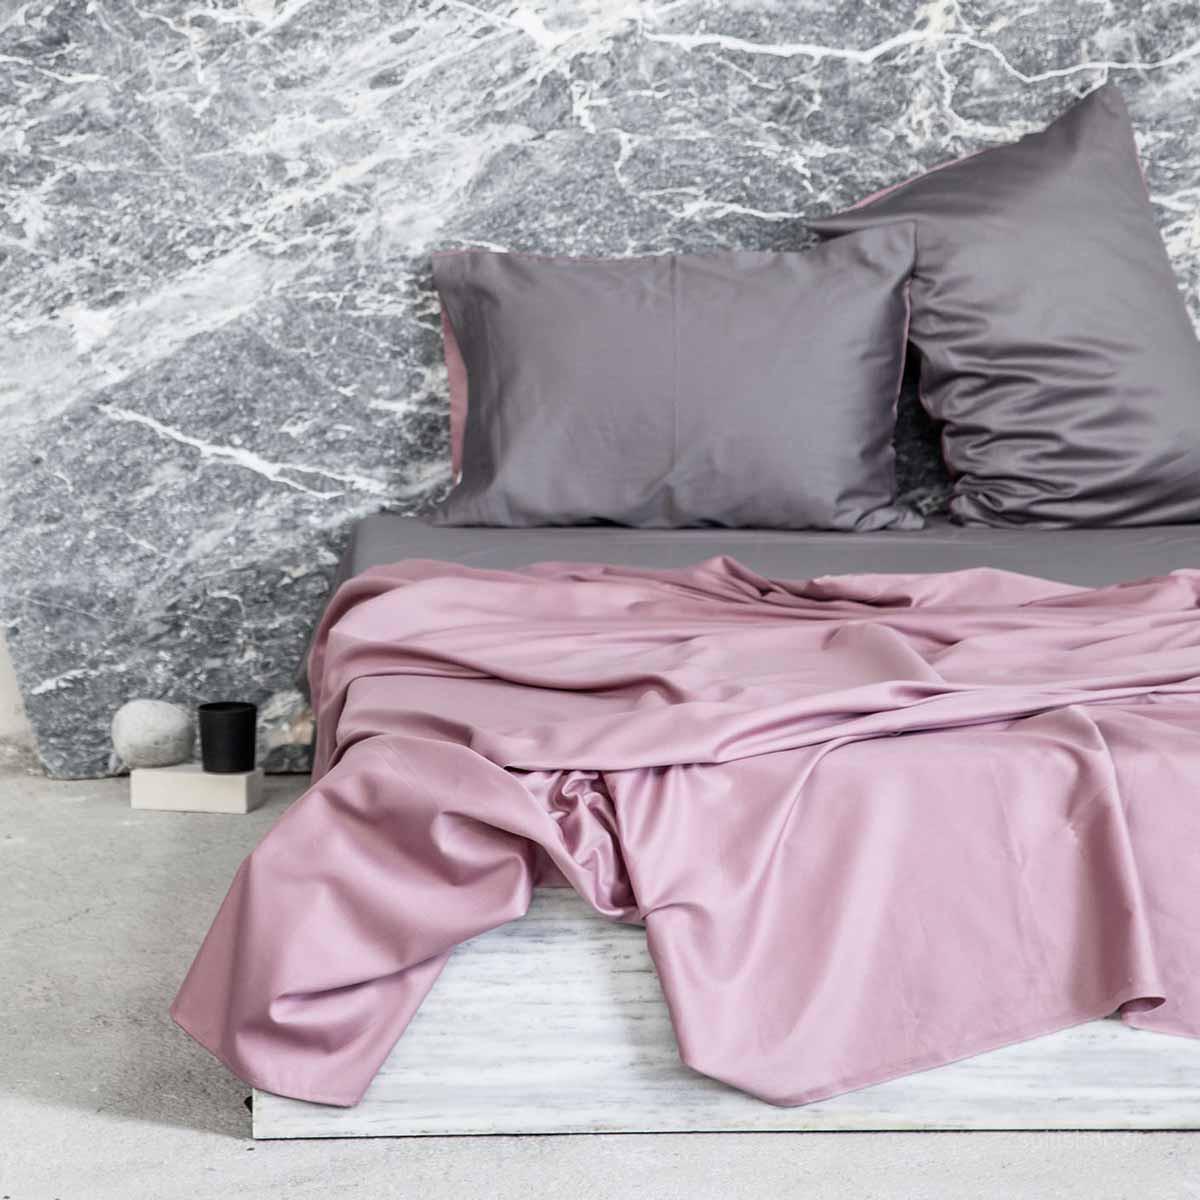 Σεντόνια Υπέρδιπλα (Σετ) Nima Elegance Dusty Pink/Deep Grey